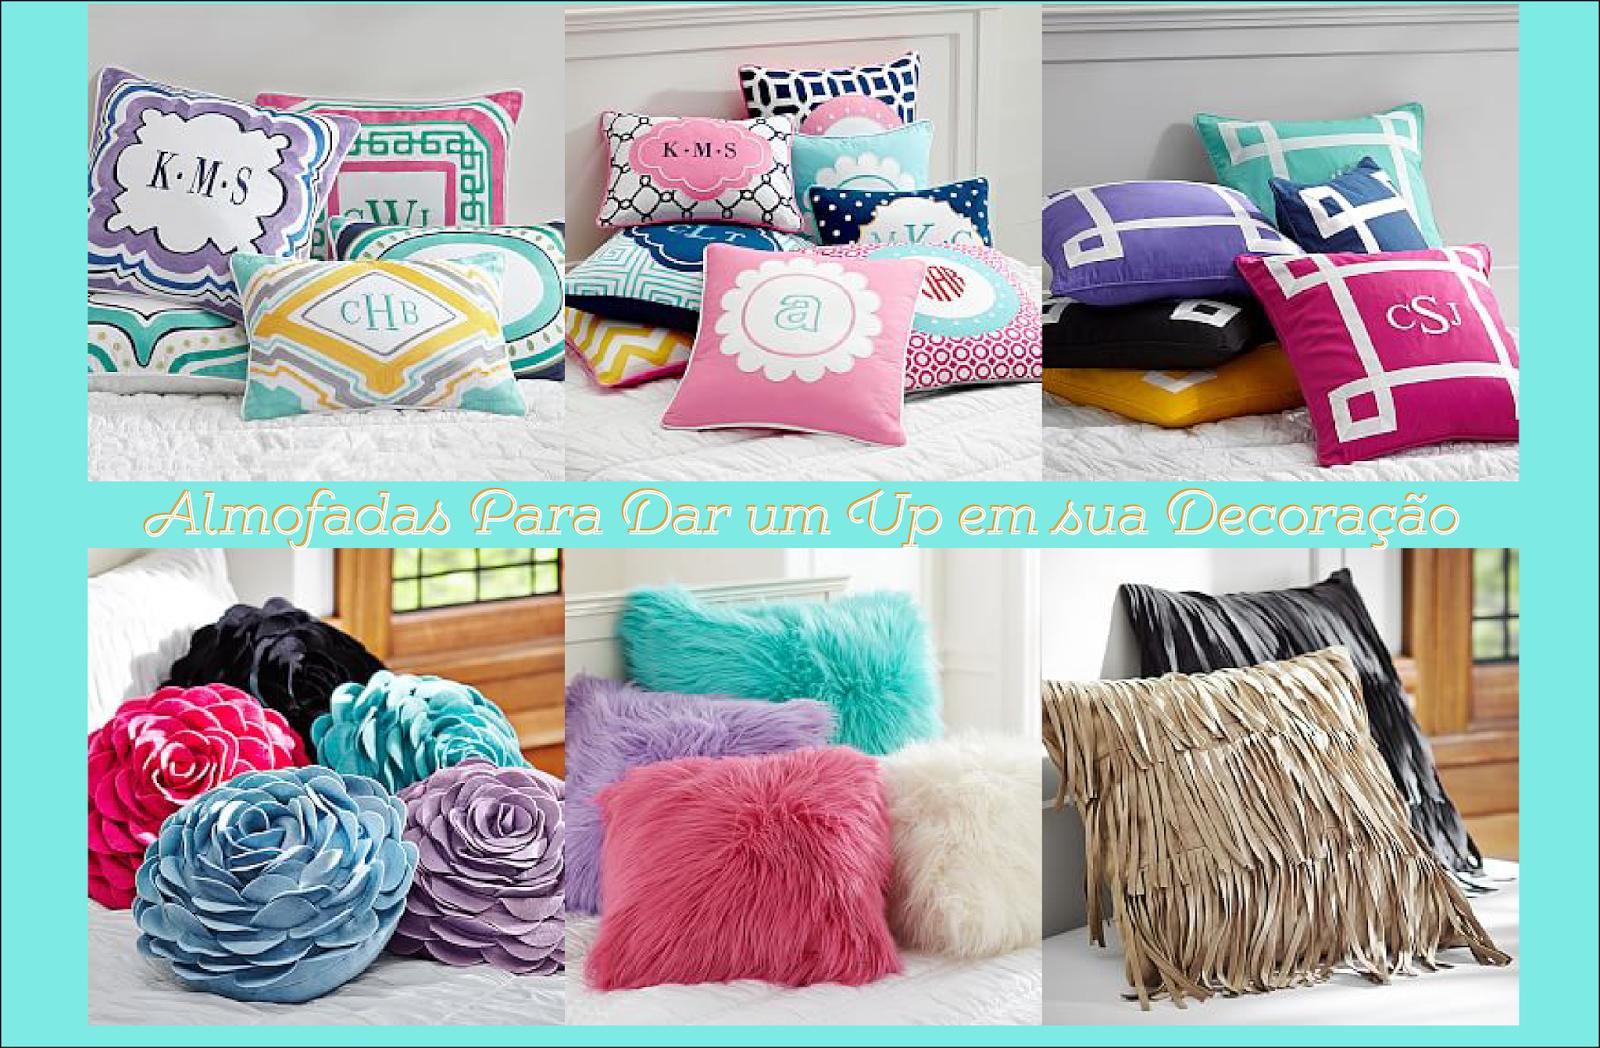 decoracao alternativa de quartos: sugestões de almofadas para decoração de quarto de adolescentes